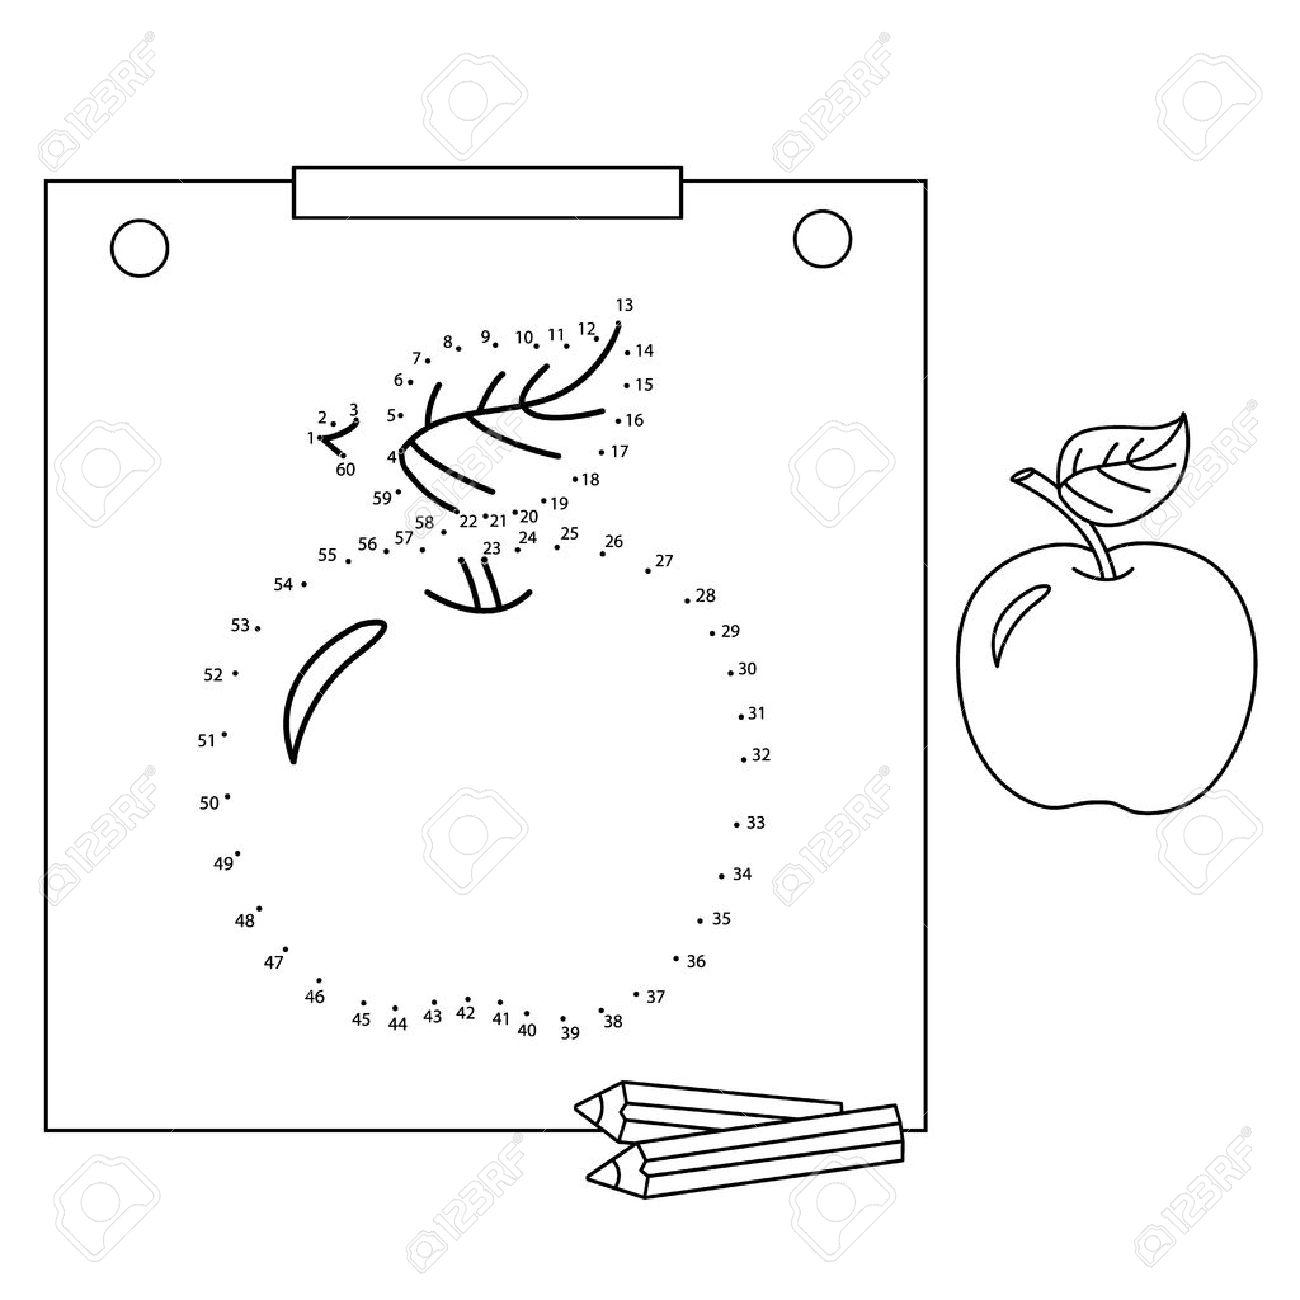 Nett Apfel Malbuch Zeitgenössisch - Malvorlagen Von Tieren - ngadi.info